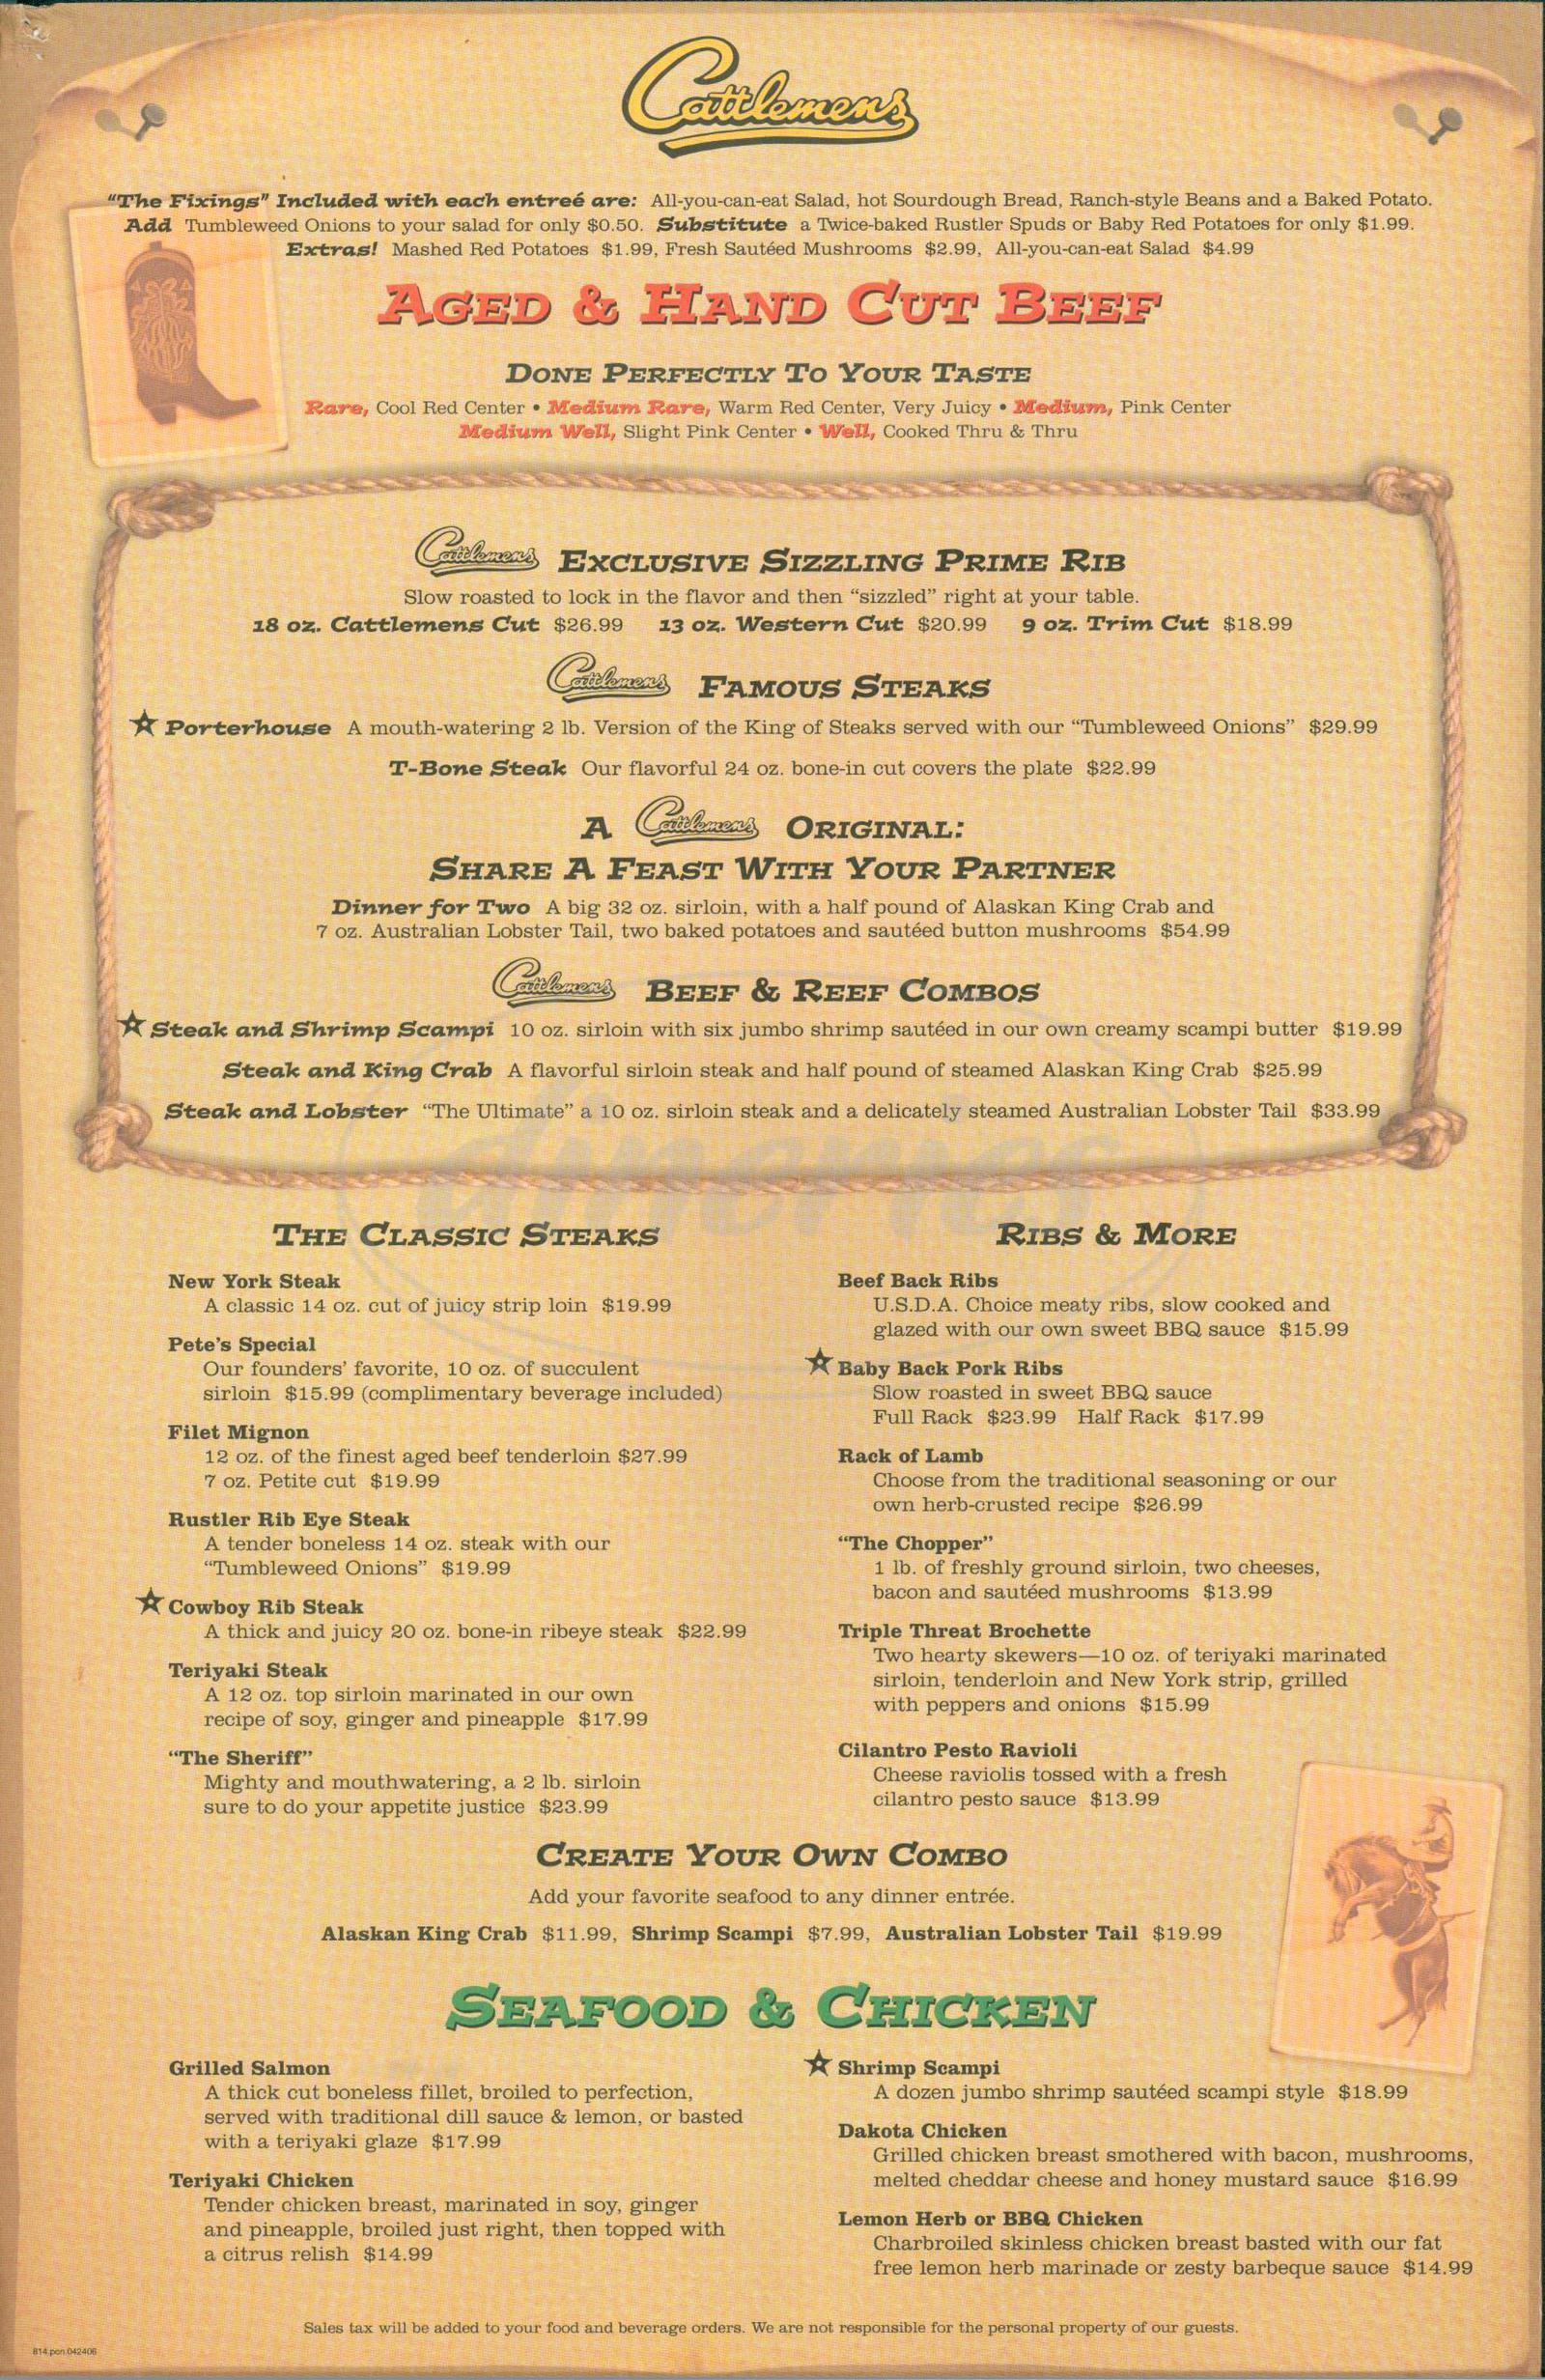 menu for Cattlemens Steak House